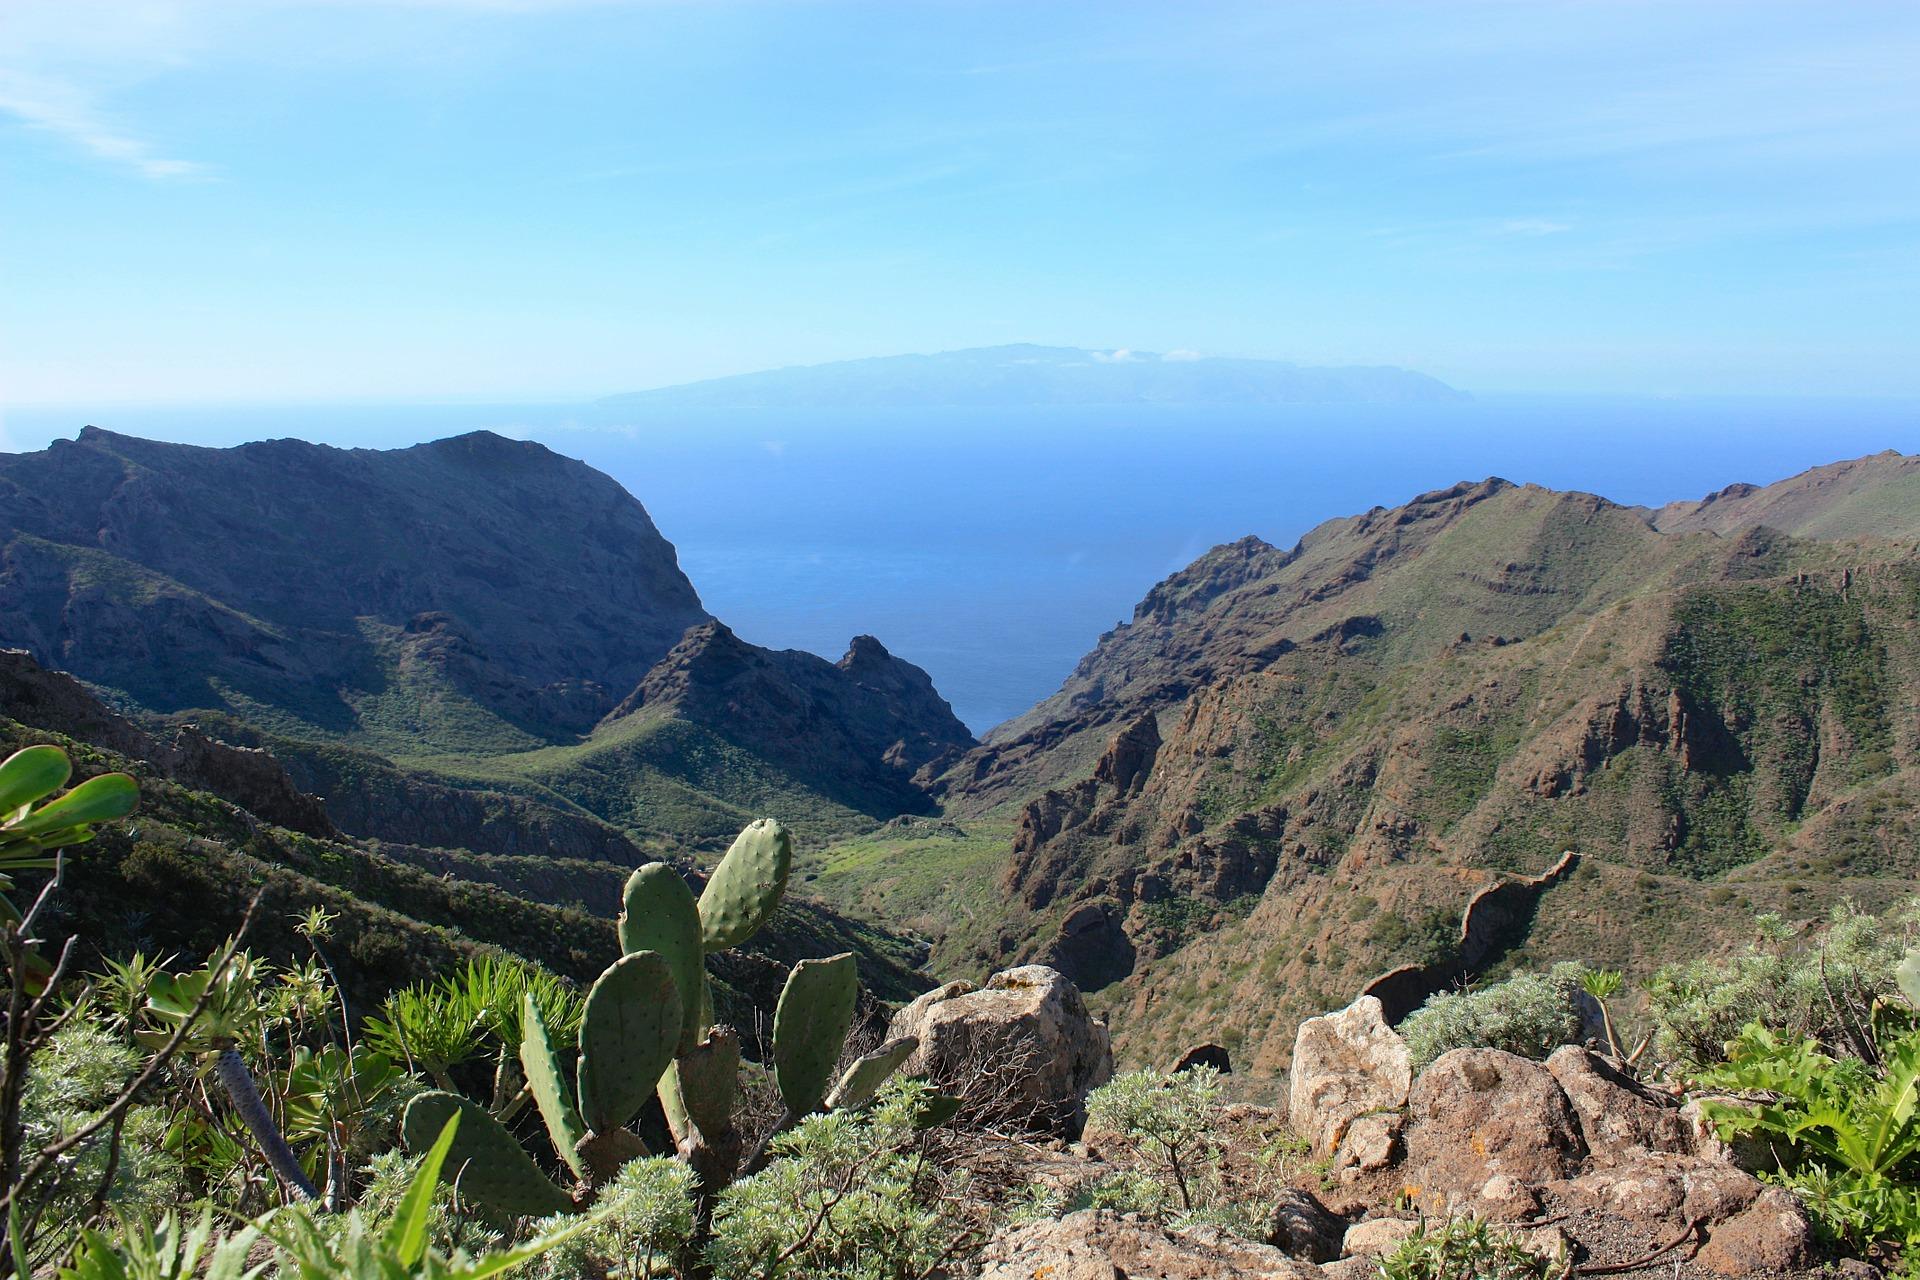 Landschaft auf der Insel Gomera auf den Kanaren